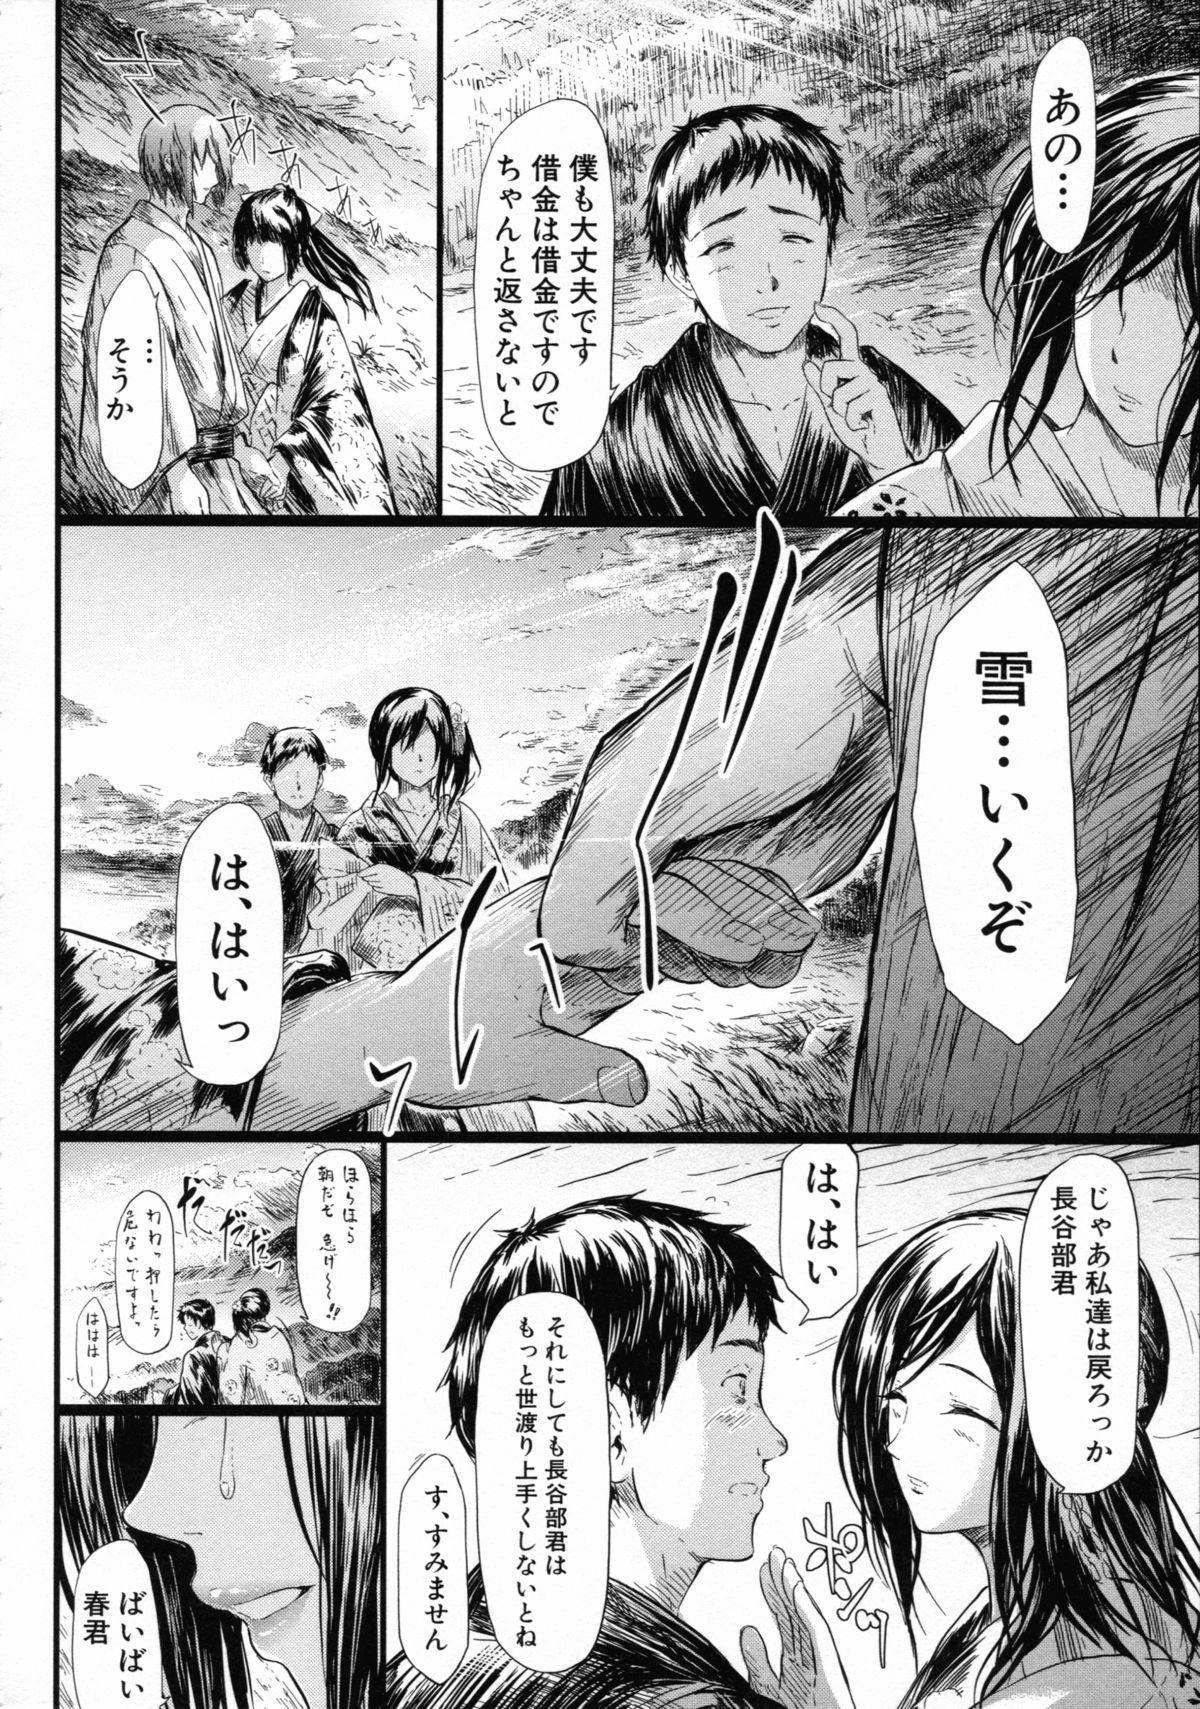 [Shiki Takuto] Tokoharu no Shoujo-tachi - The Girls in the Eternal Spring 180